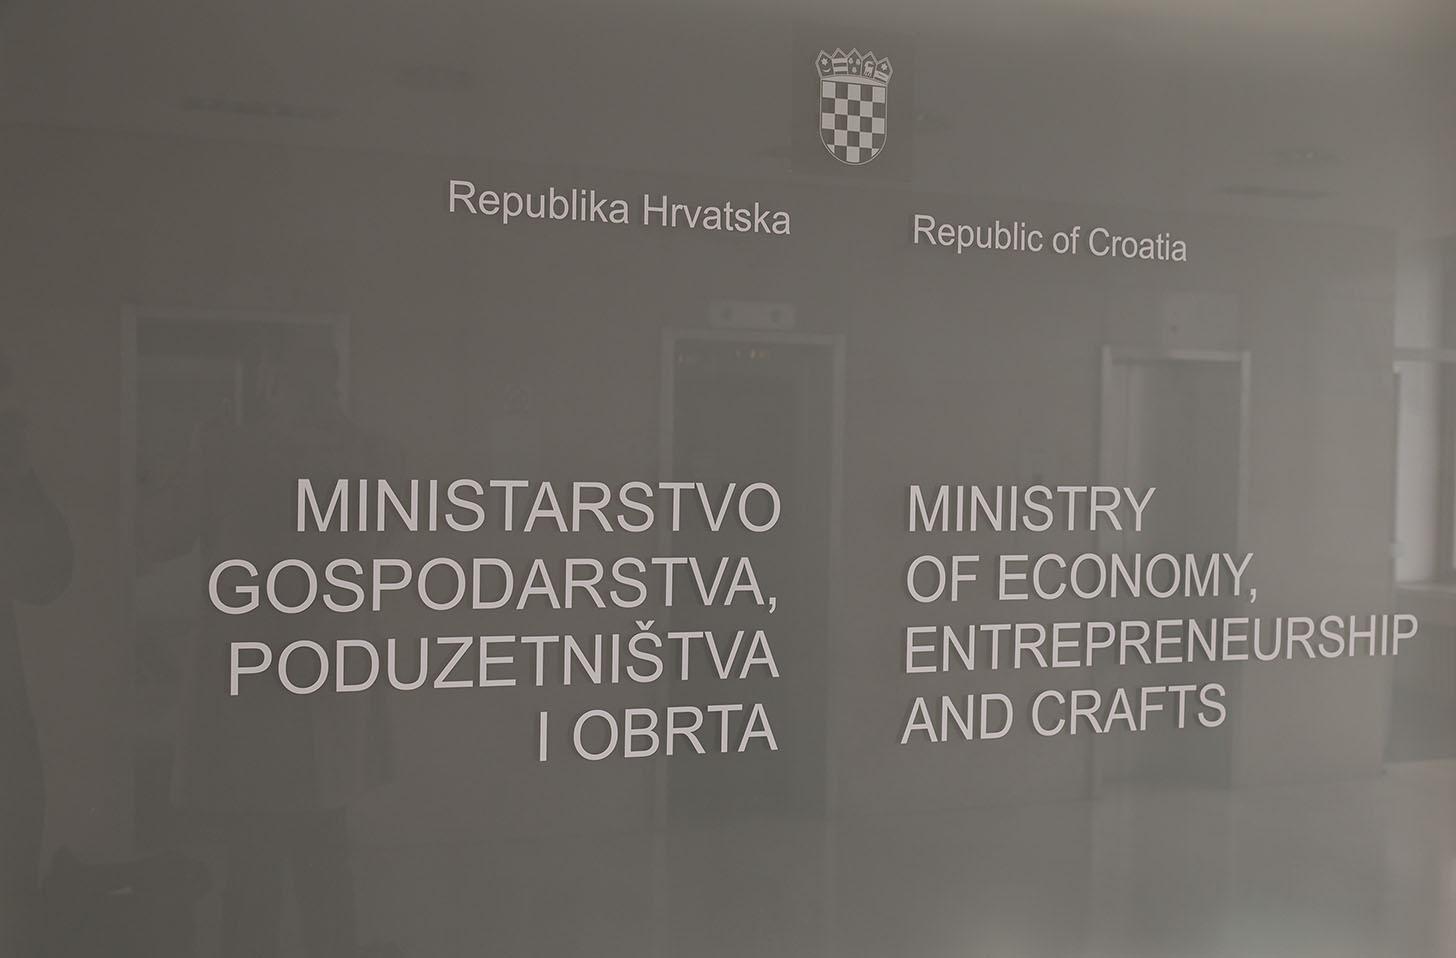 Radni sastanak u Ministarstvu gospodarstva, poduzetništva i obrta